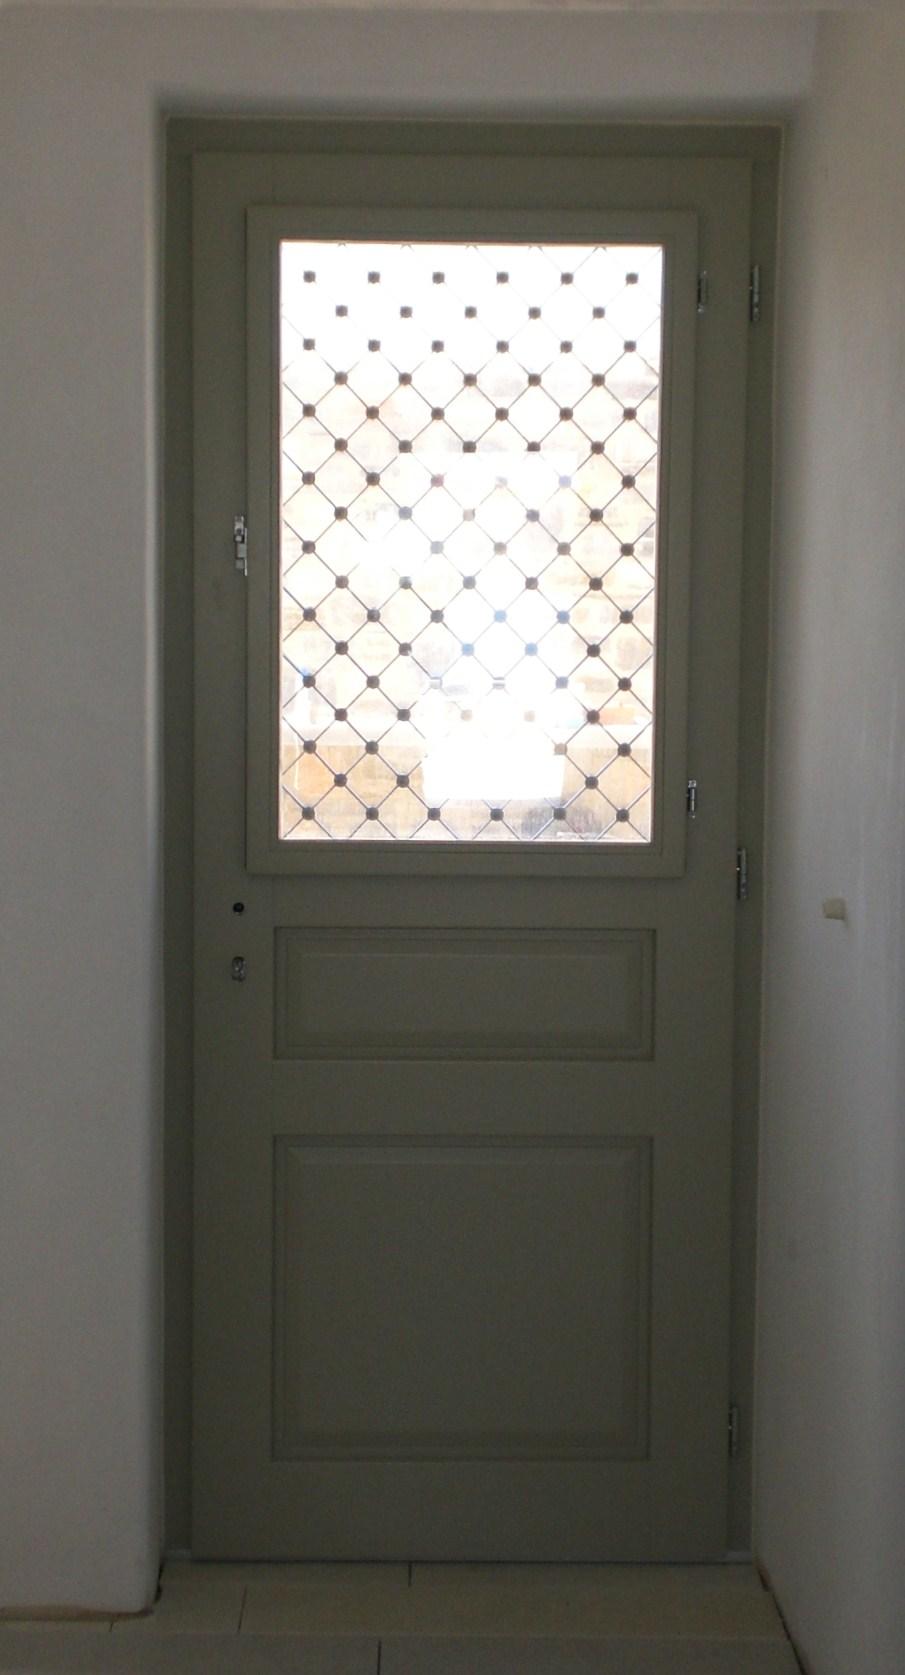 Εξώπορτα νταμπλαδωτή με παράθυρο και σιδεριά Σύρος